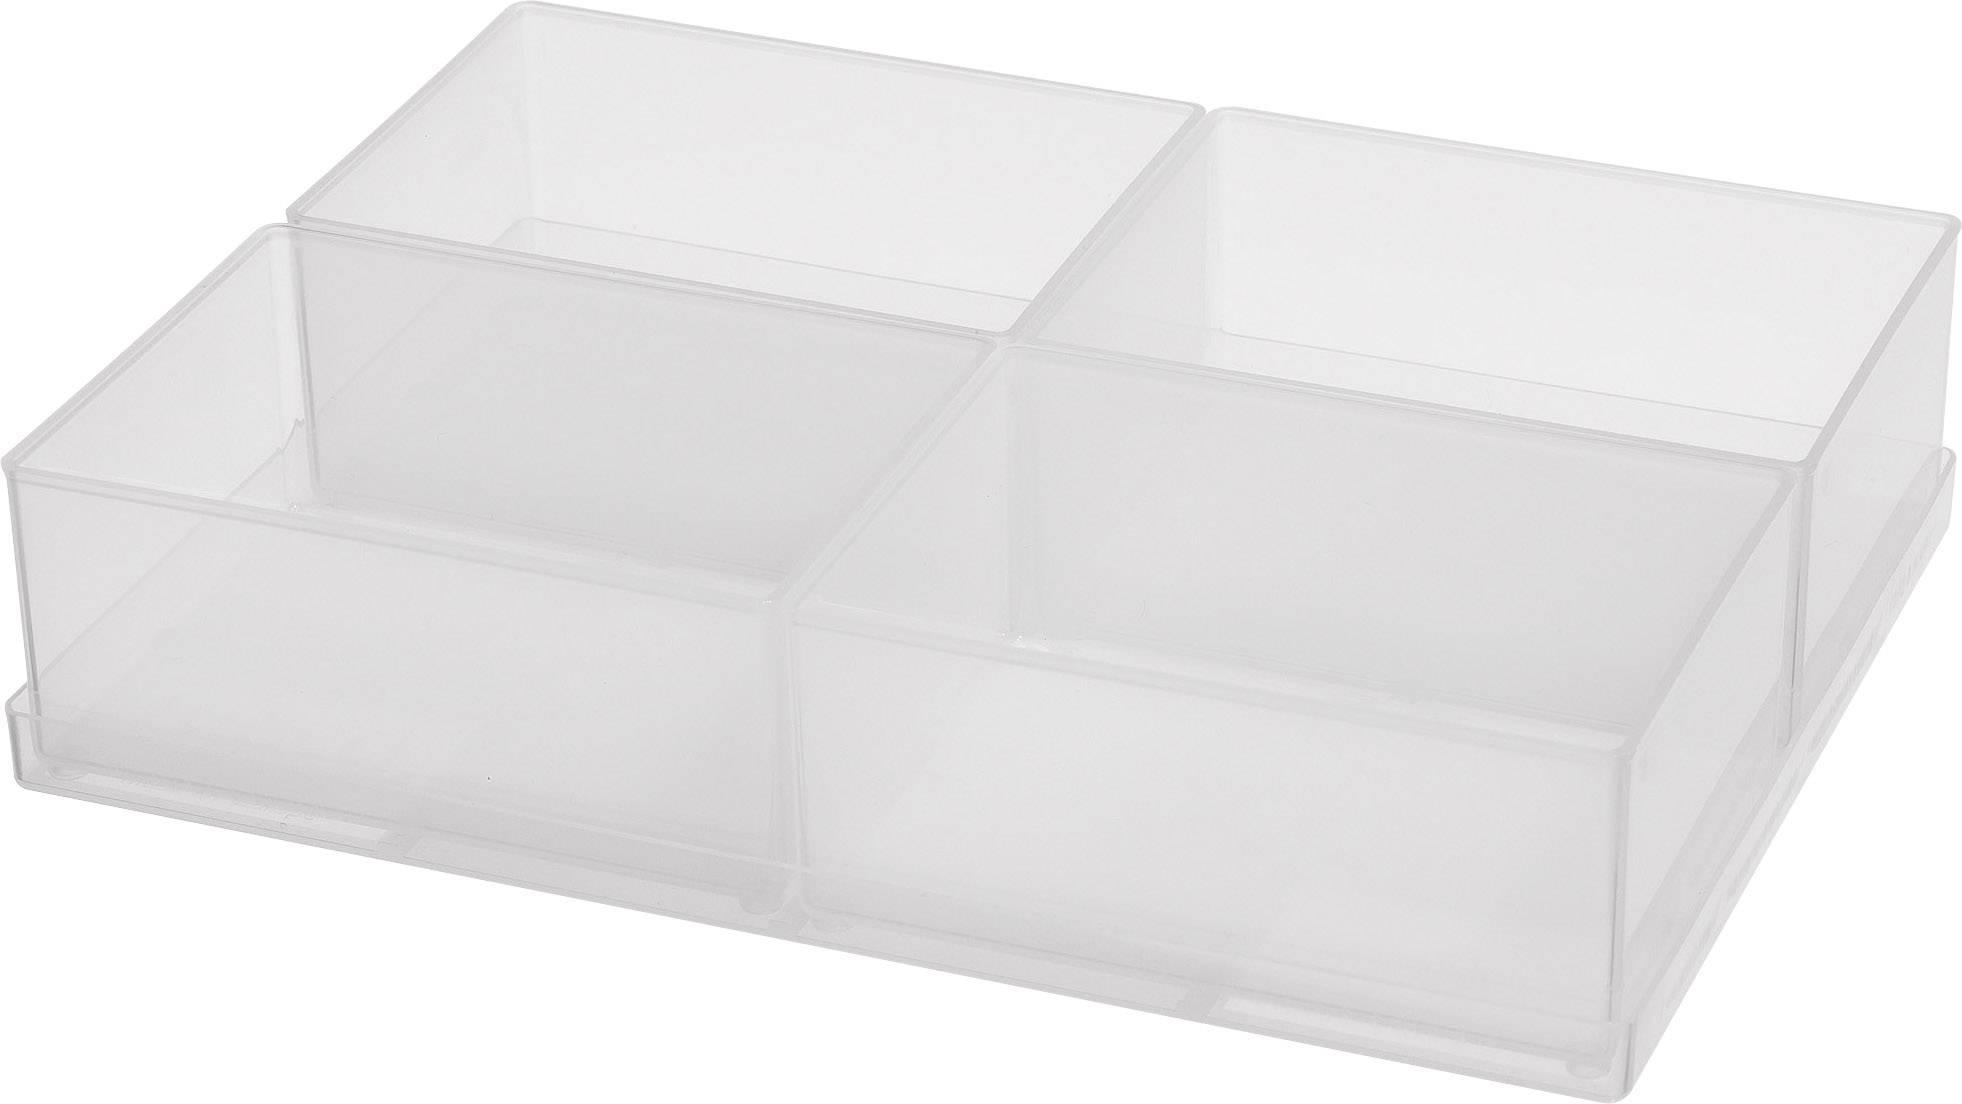 raaco  sortirni kovček-vložek (D x Š x V) 220 x 160 x 47 mm Število predalov: 4   1 kos